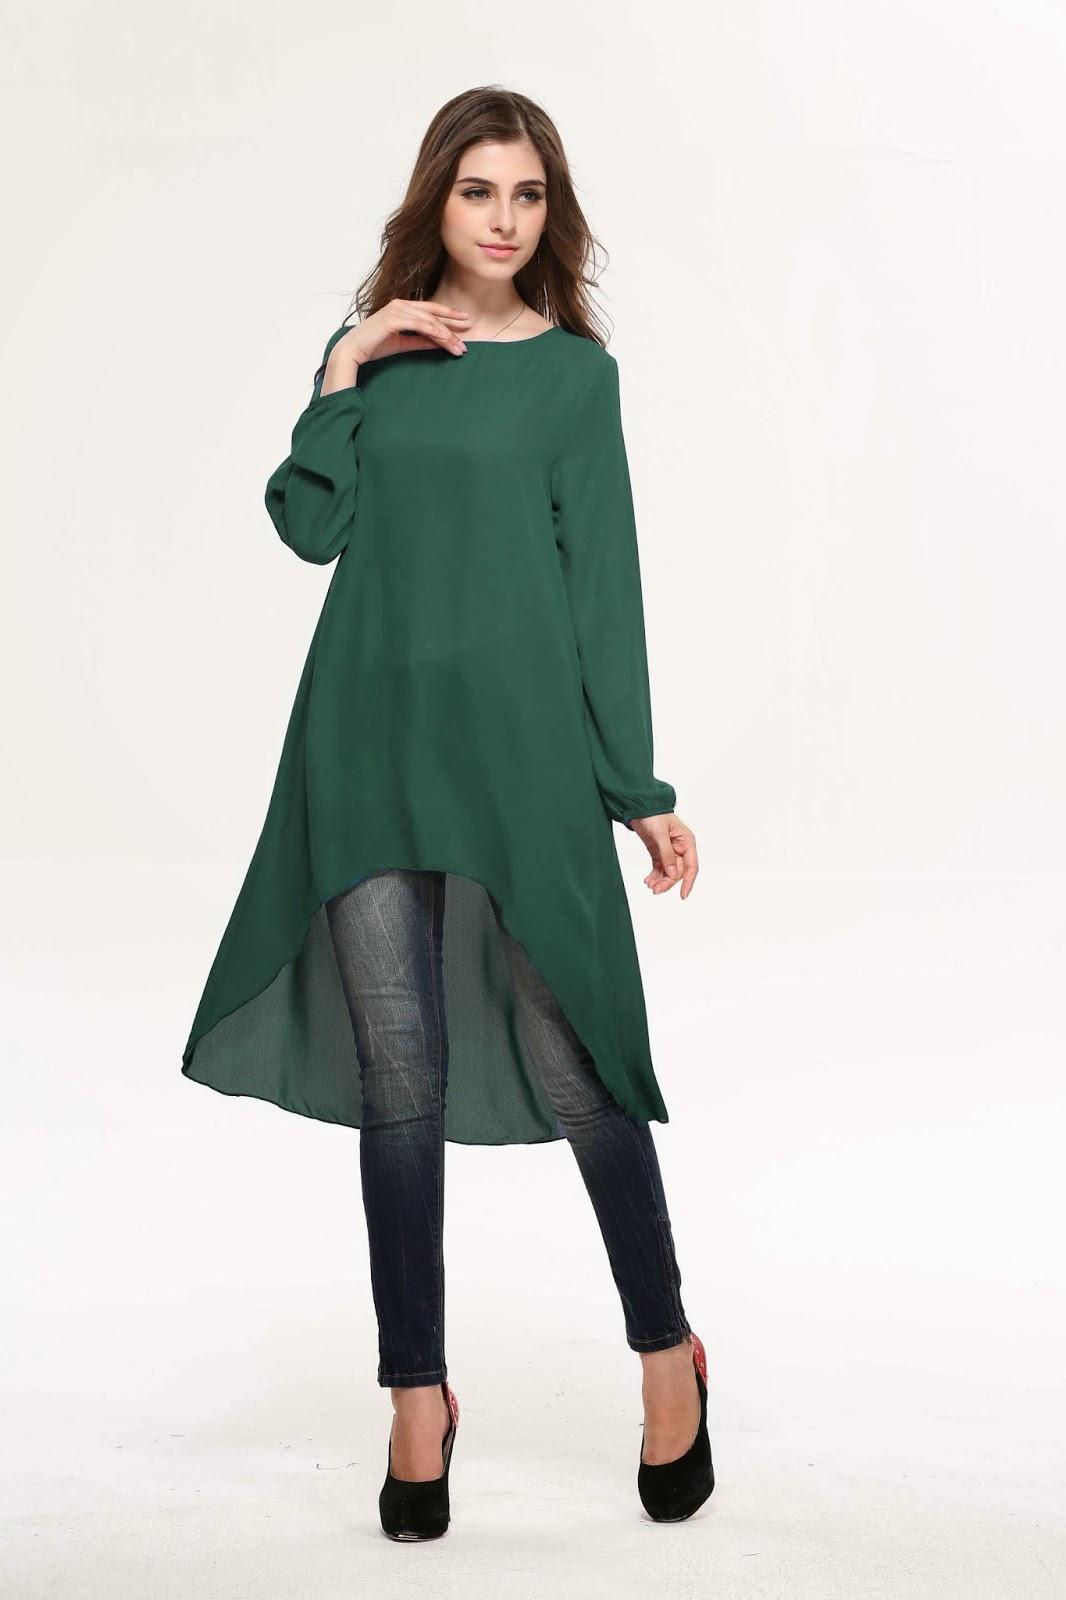 langsir terkini koleksi gambar newhairstylesformen2014 fesyen langsir ...